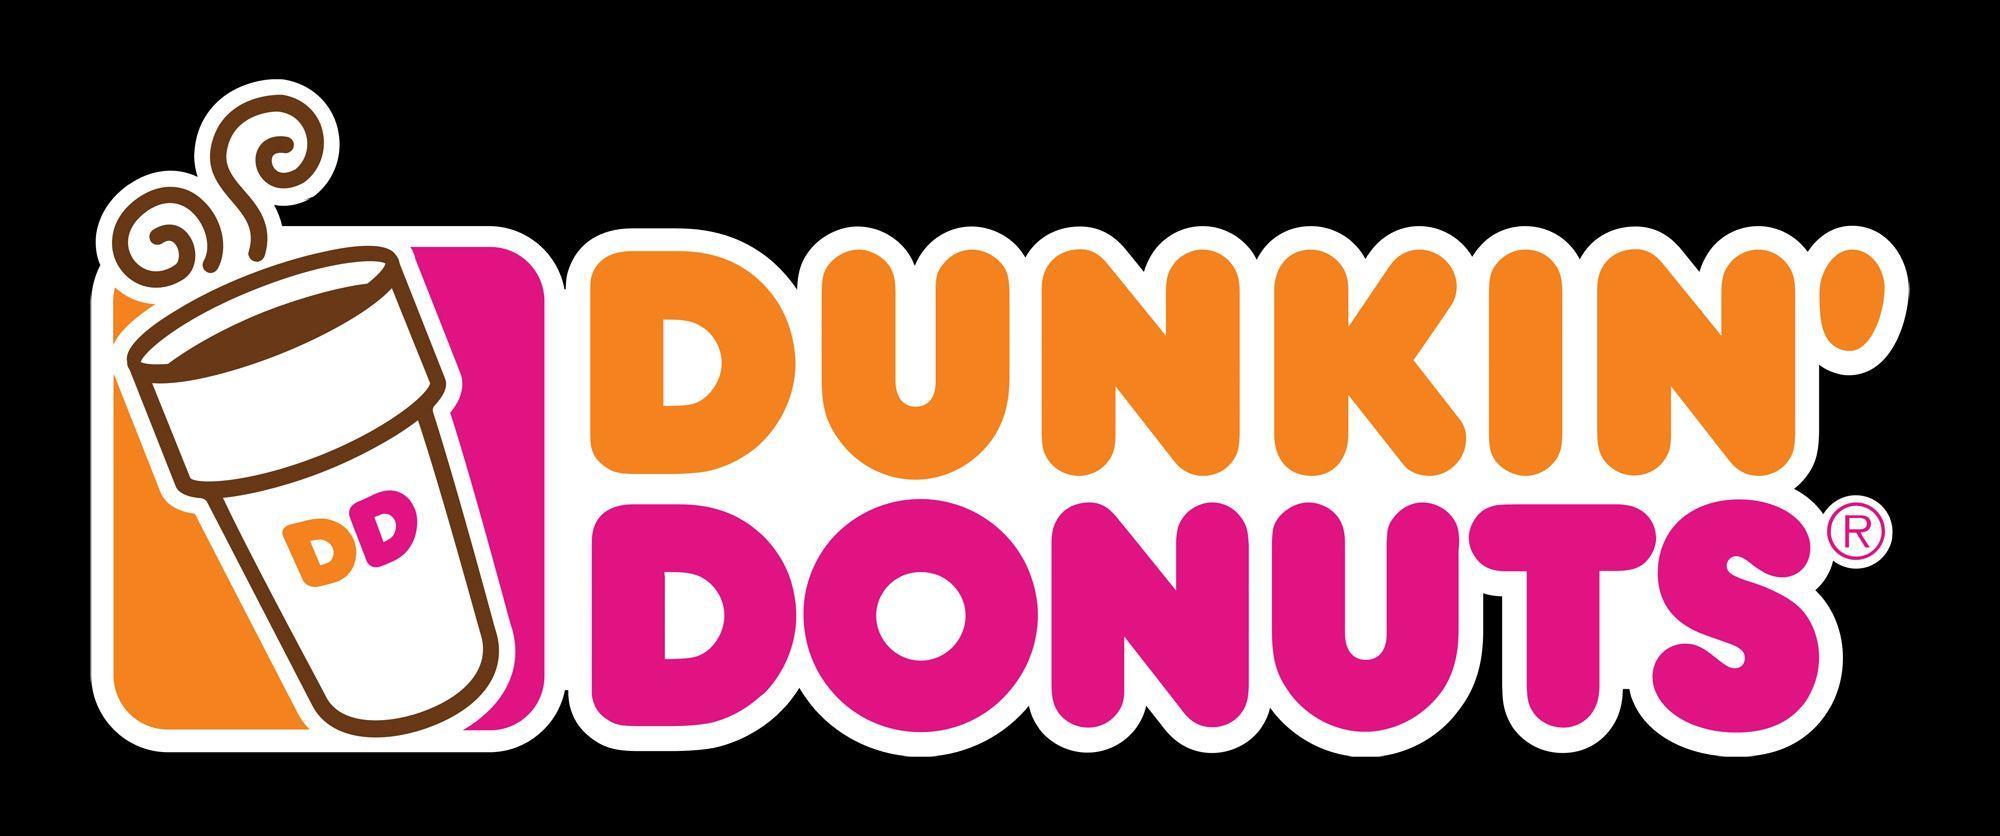 Dunkin' Donuts Logo - LogoDix